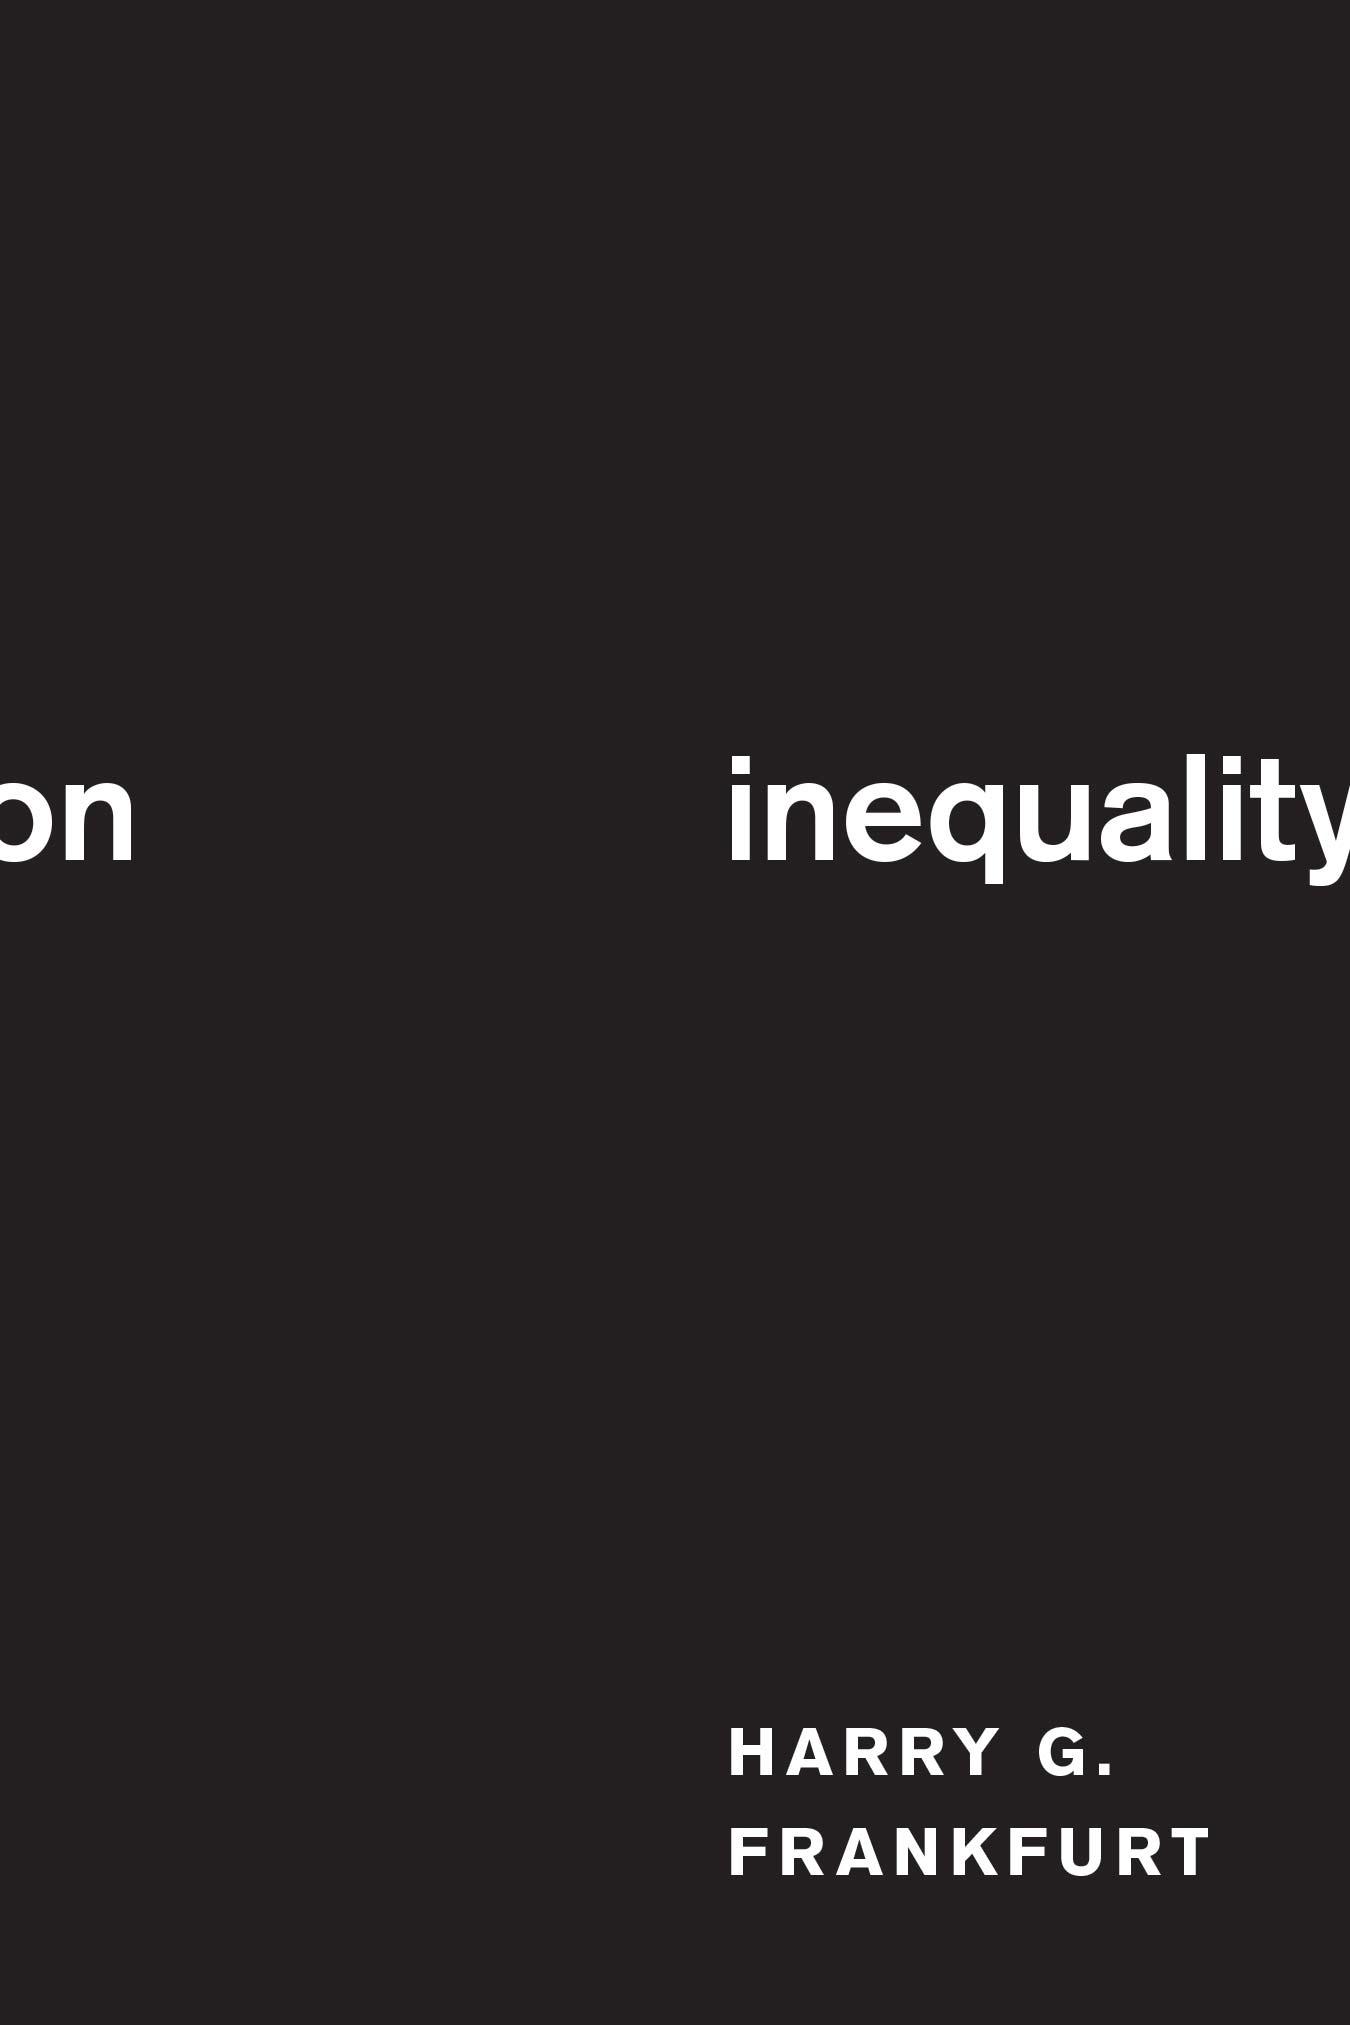 Frankfurt_OnInequality